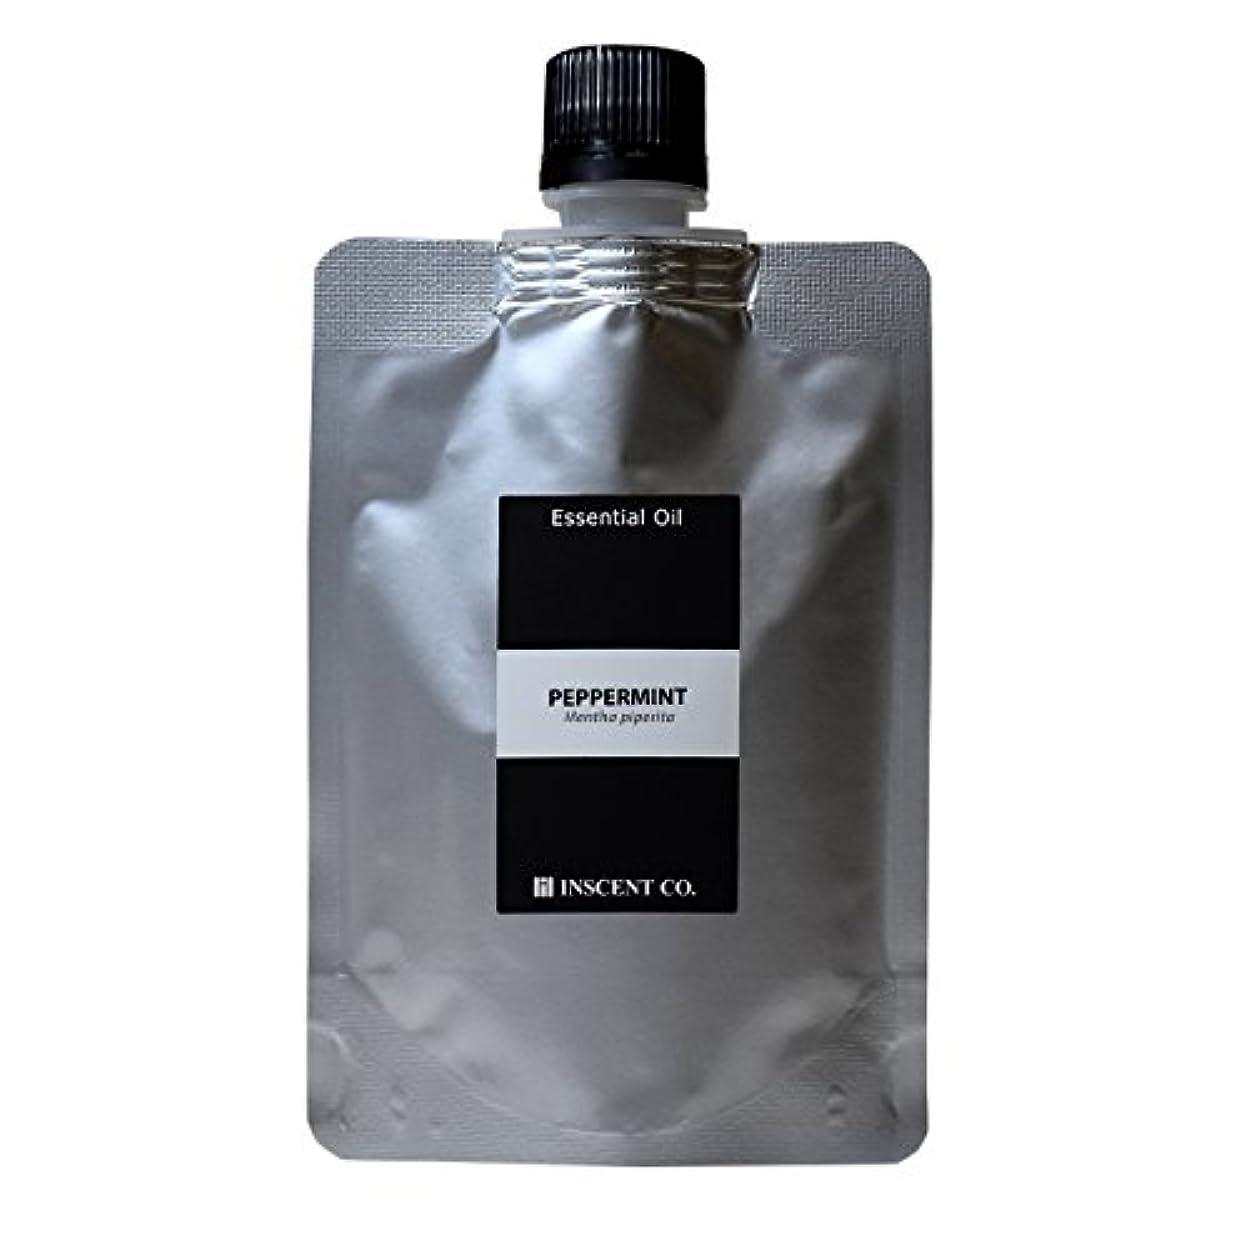 証明明るいグリーンランド(詰替用 アルミパック) ペパーミント 100ml インセント アロマオイル AEAJ 表示基準適合認定精油